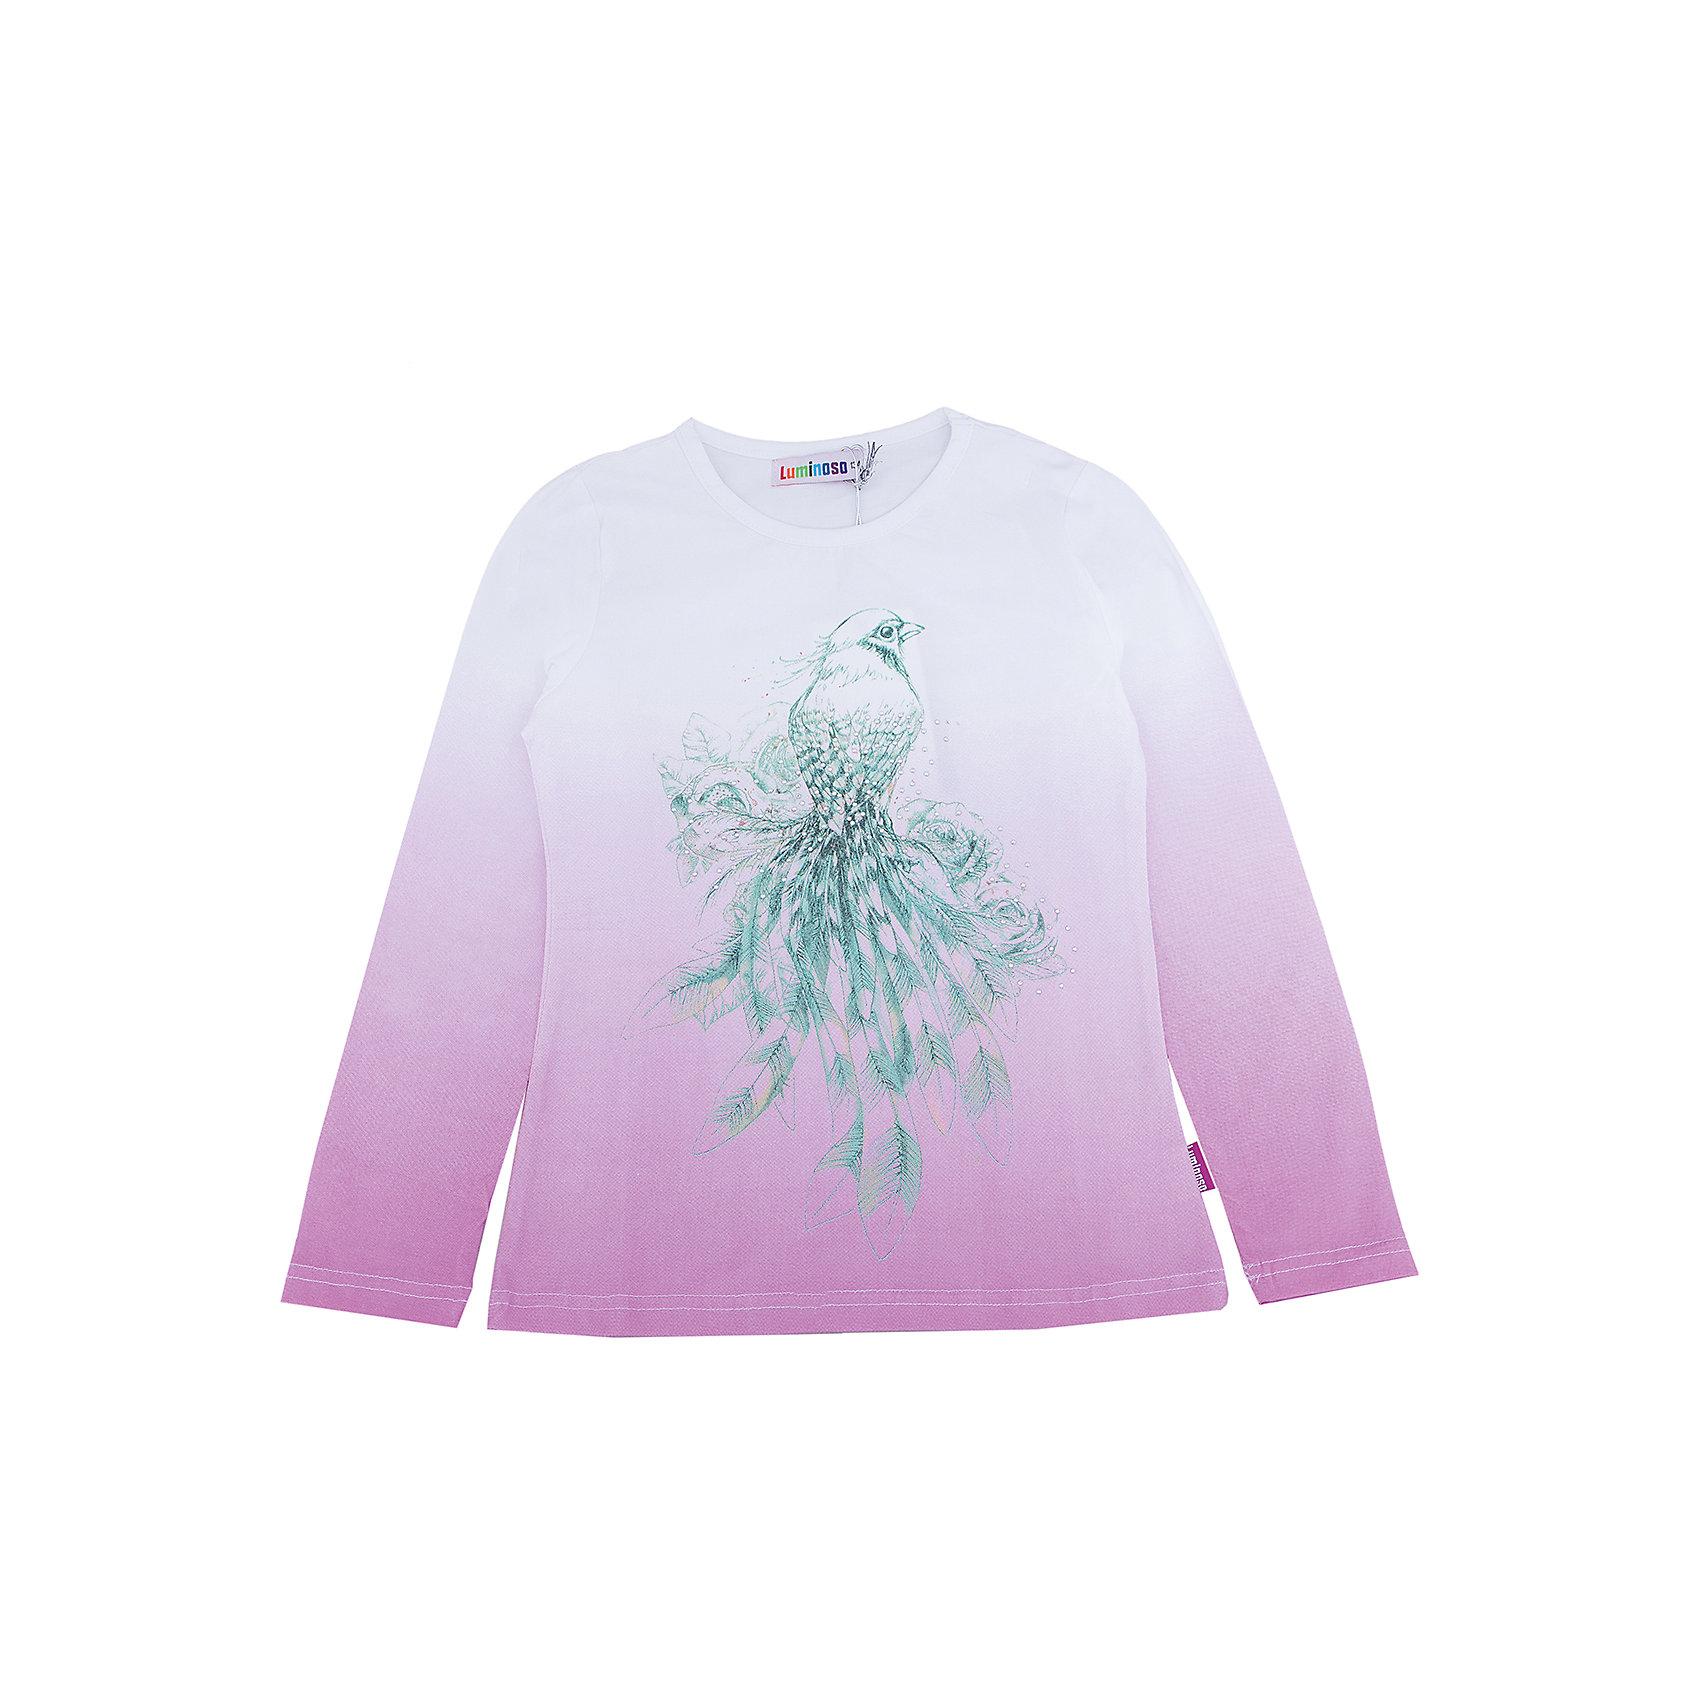 Футболка с длинным рукавом для девочки LuminosoФутболки с длинным рукавом<br>Характеристики товара:<br><br>- цвет: фиолетовый;<br>- материал: 95% хлопок, 5% эластан;<br>- декорирована принтом;<br>- длинный рукав;<br>- округлый горловой вырез.<br><br>Стильная одежда от бренда Luminoso (Люминосо), созданная при участии итальянских дизайнеров, учитывает потребности подростков и последние веяния моды. Она удобная и модная.<br>Эта футболка с длинным рукавом выглядит стильно и нарядно, но при этом подходит для ежедневного ношения. Он хорошо сидит на ребенке, обеспечивает комфорт и отлично сочетается с одежной разных стилей. Модель отличается высоким качеством материала и продуманным дизайном. Натуральный хлопок в составе изделия делает его дышащим, приятным на ощупь и гипоаллергеным.<br><br>Футболку с длинным рукавом для девочки от бренда Luminoso (Люминосо) можно купить в нашем интернет-магазине.<br><br>Ширина мм: 230<br>Глубина мм: 40<br>Высота мм: 220<br>Вес г: 250<br>Цвет: лиловый<br>Возраст от месяцев: 144<br>Возраст до месяцев: 156<br>Пол: Женский<br>Возраст: Детский<br>Размер: 158,134,164,140,152,146<br>SKU: 4929507